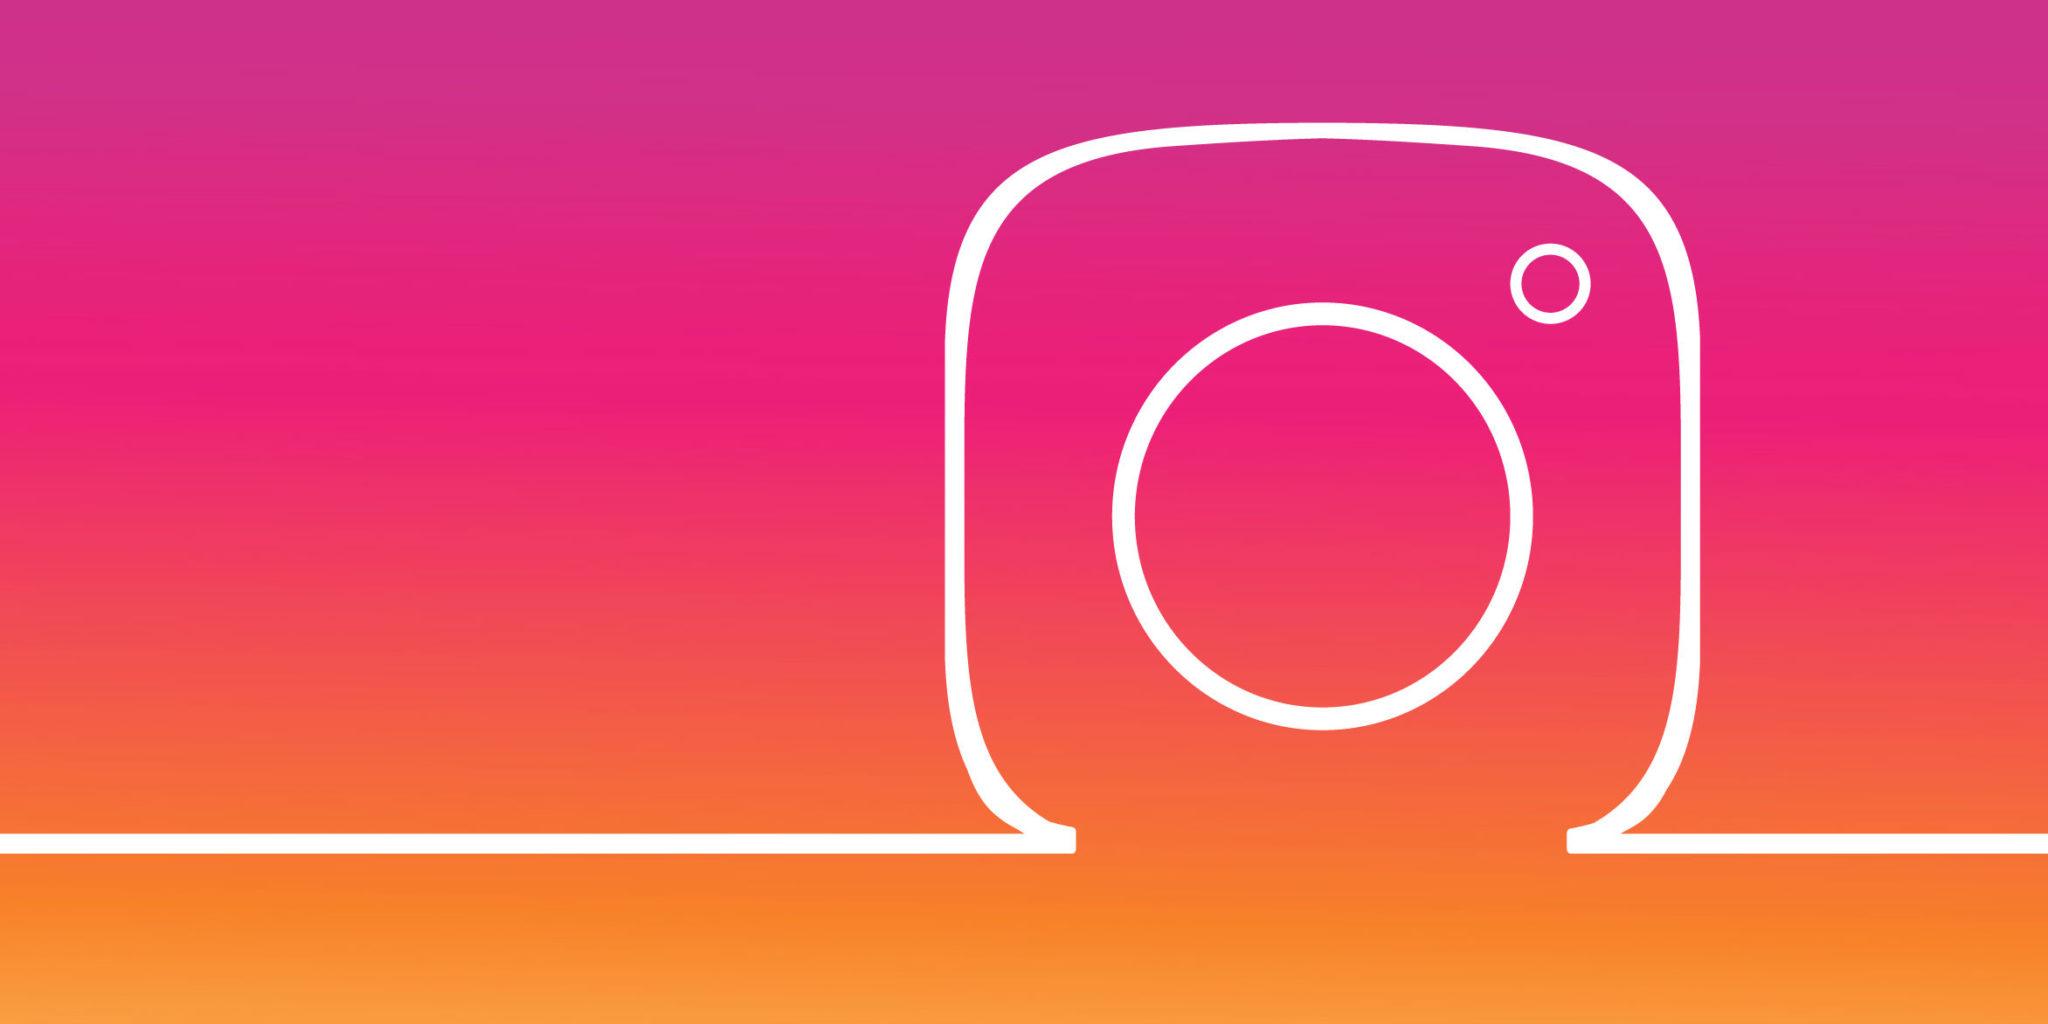 Instagram promo | Come guadagnare online senza spendere soldi preziosi